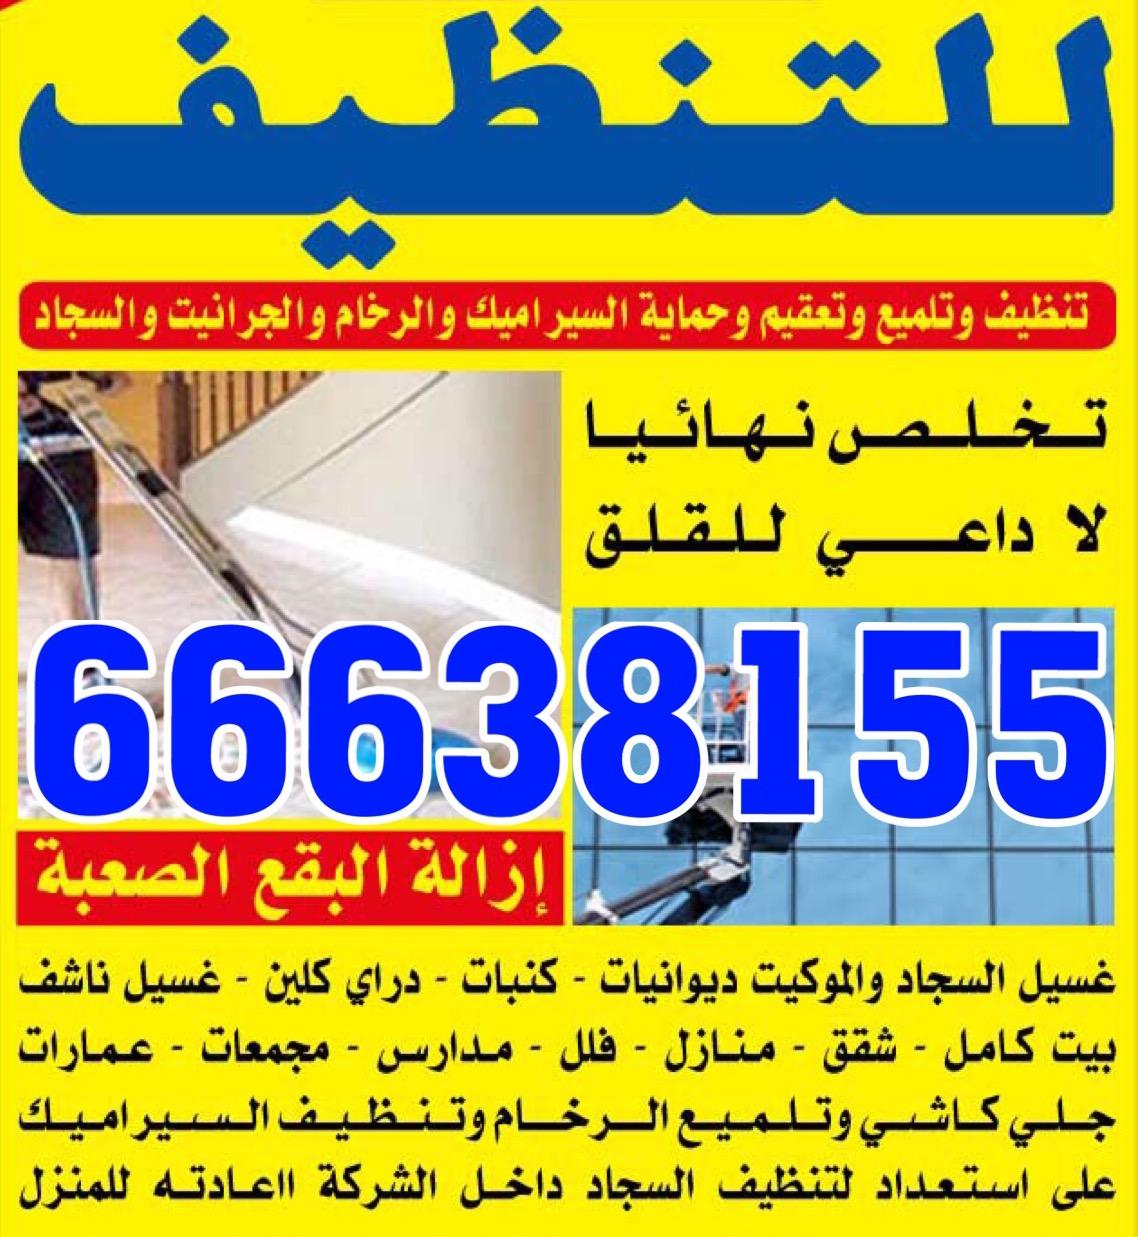 شركة تنظيف شقق 66638155